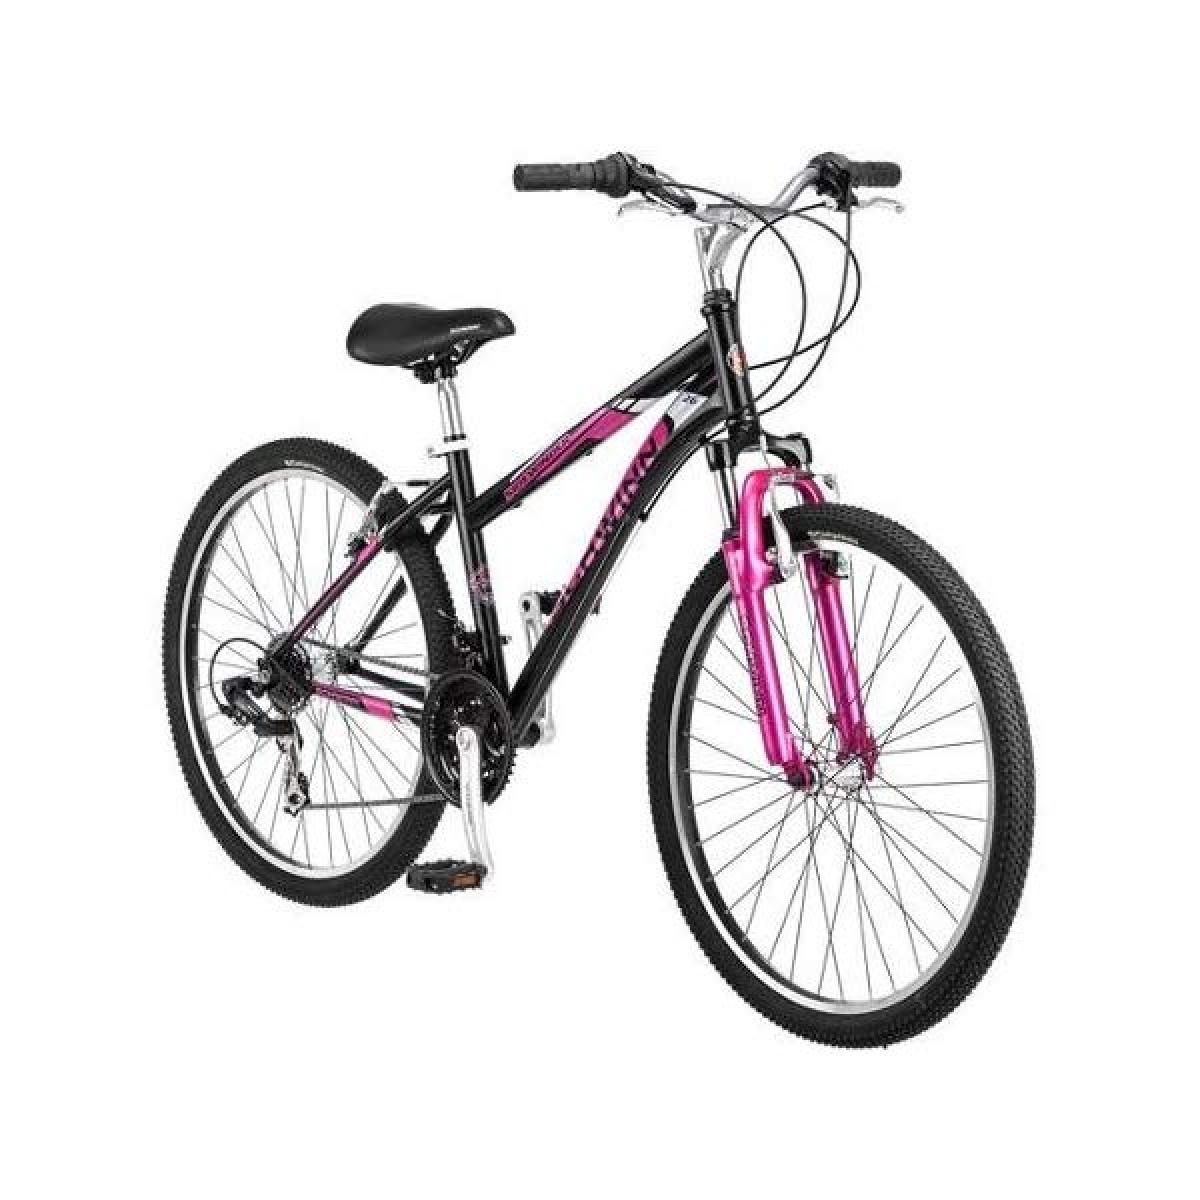 Sidewinder Women's Mountain Bike